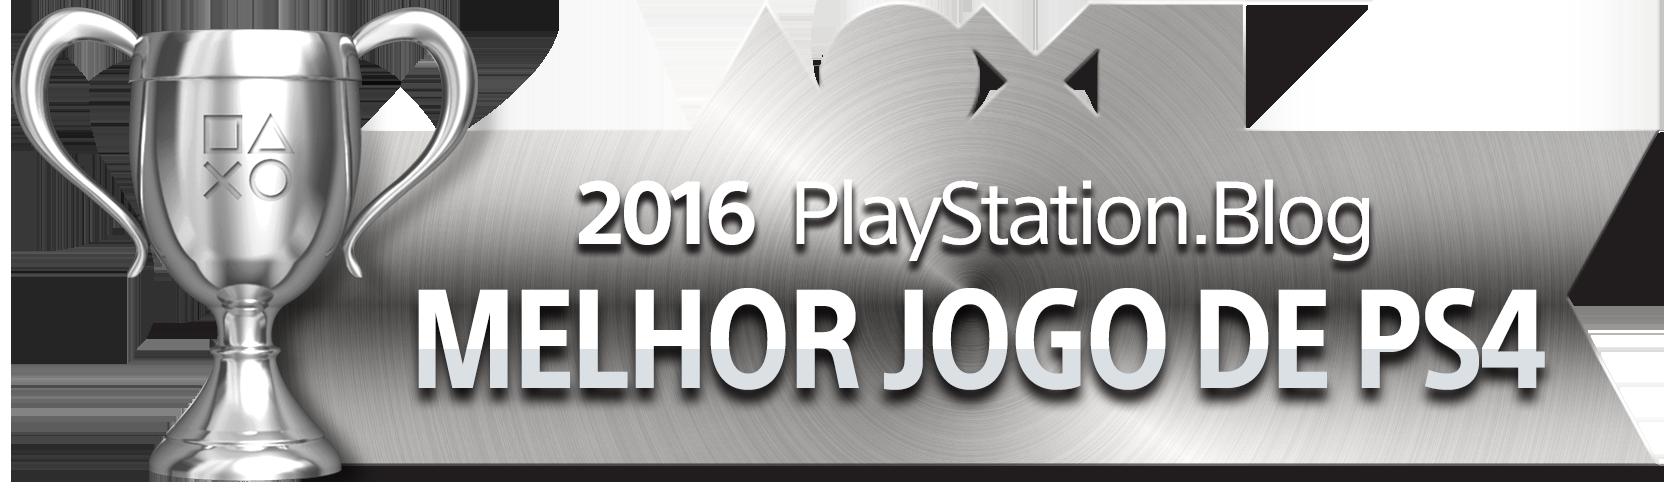 Melhor Jogo de PS4 - Prata